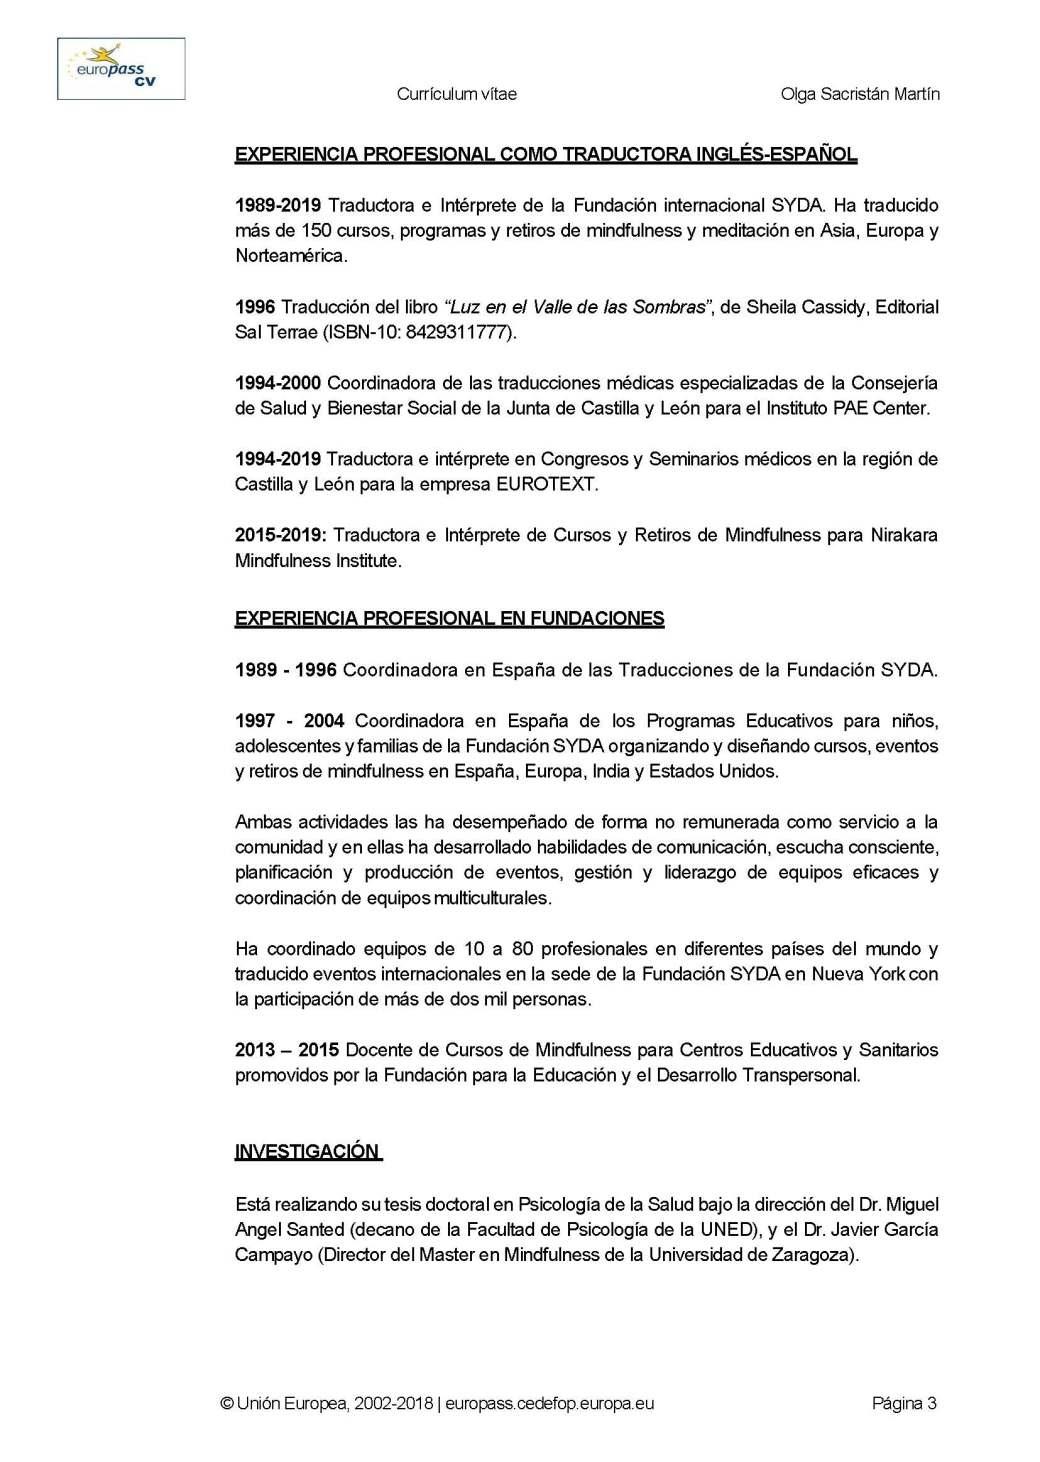 CURRICULUM EUROPASS DRA. OLGA SACRISTAN 2020_Página_03